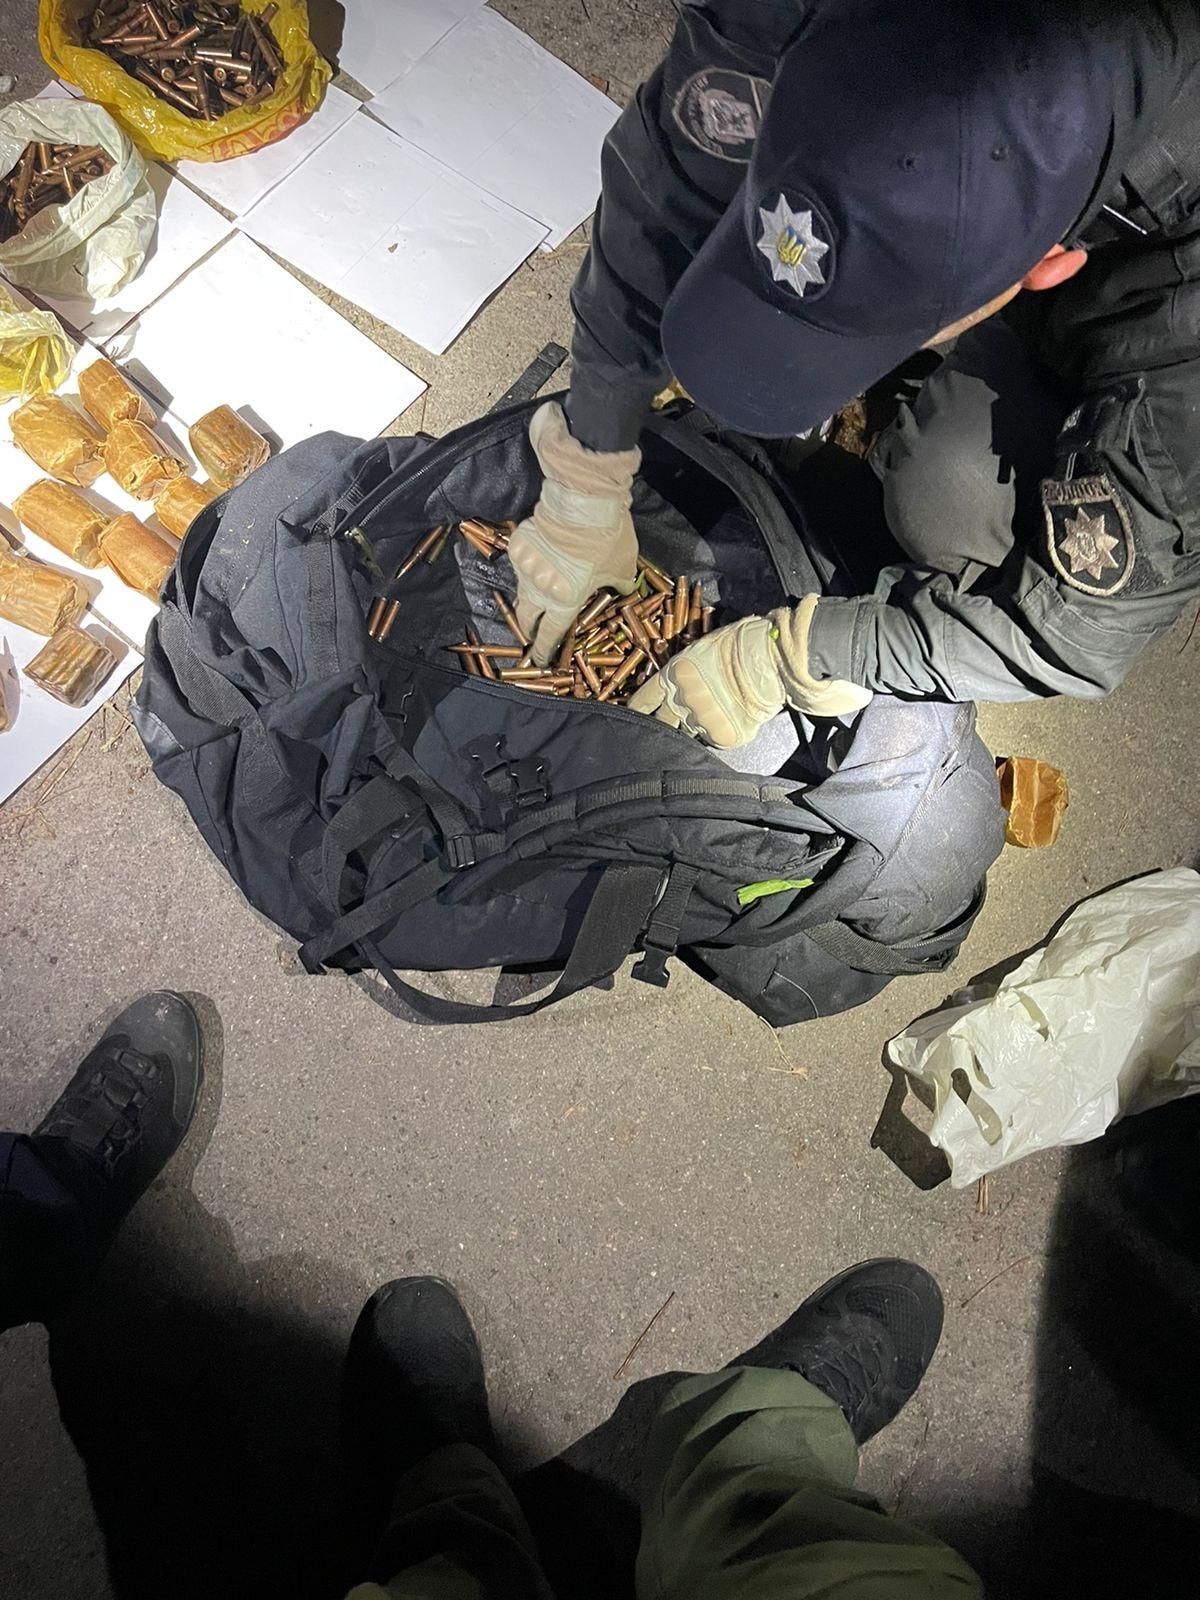 У Броварах виявили вибухівку та набої і зброю, фото - поліція